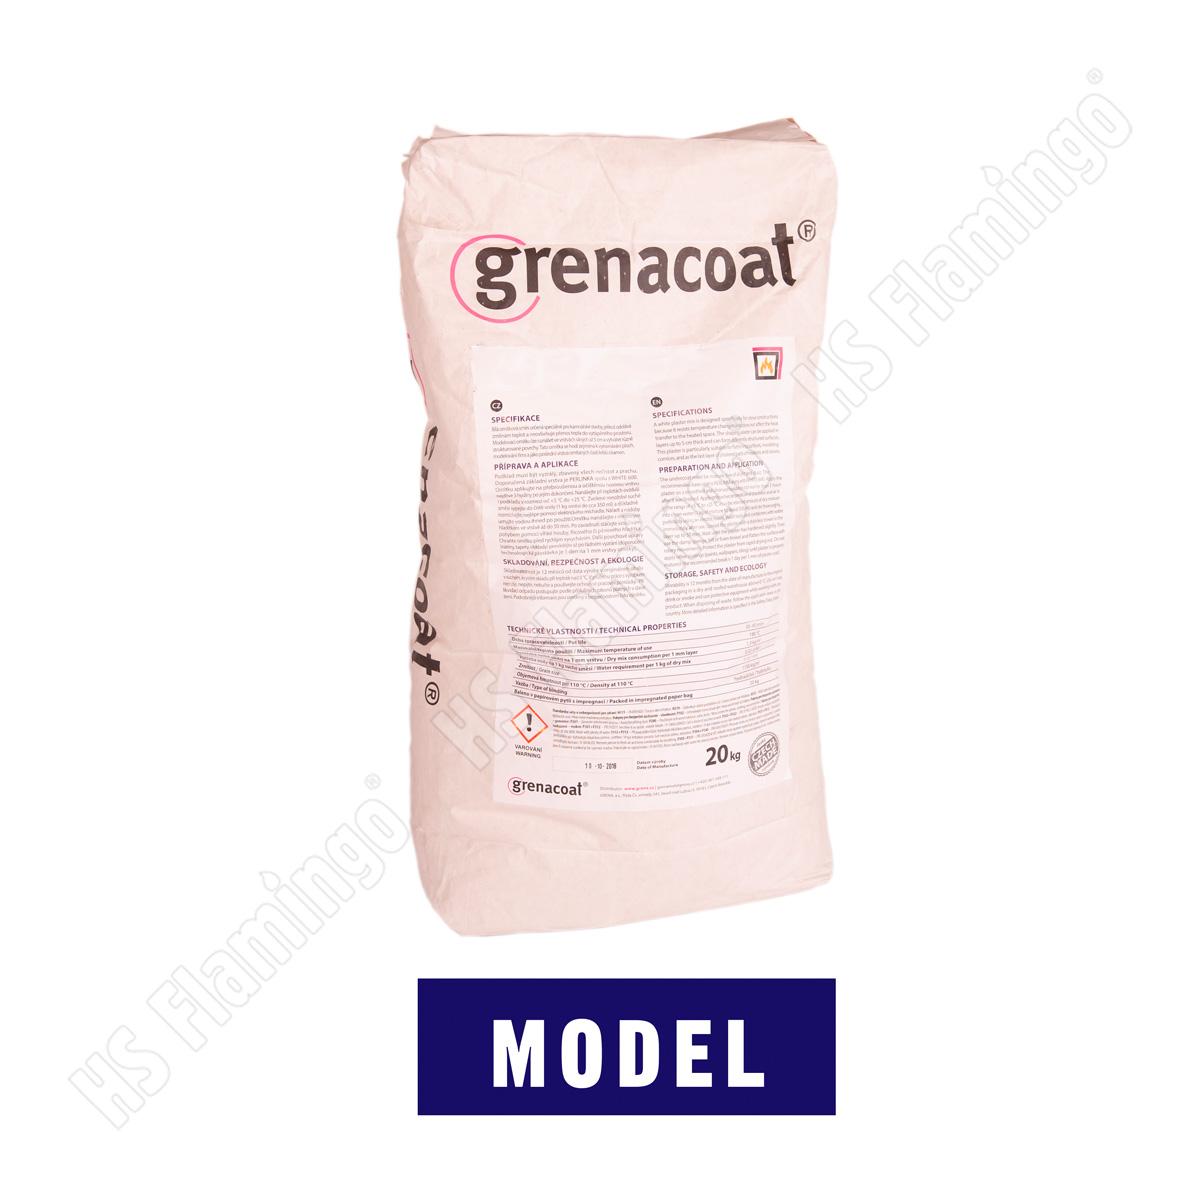 Modelovací omítka Grenacoat MODEL, 20 kg